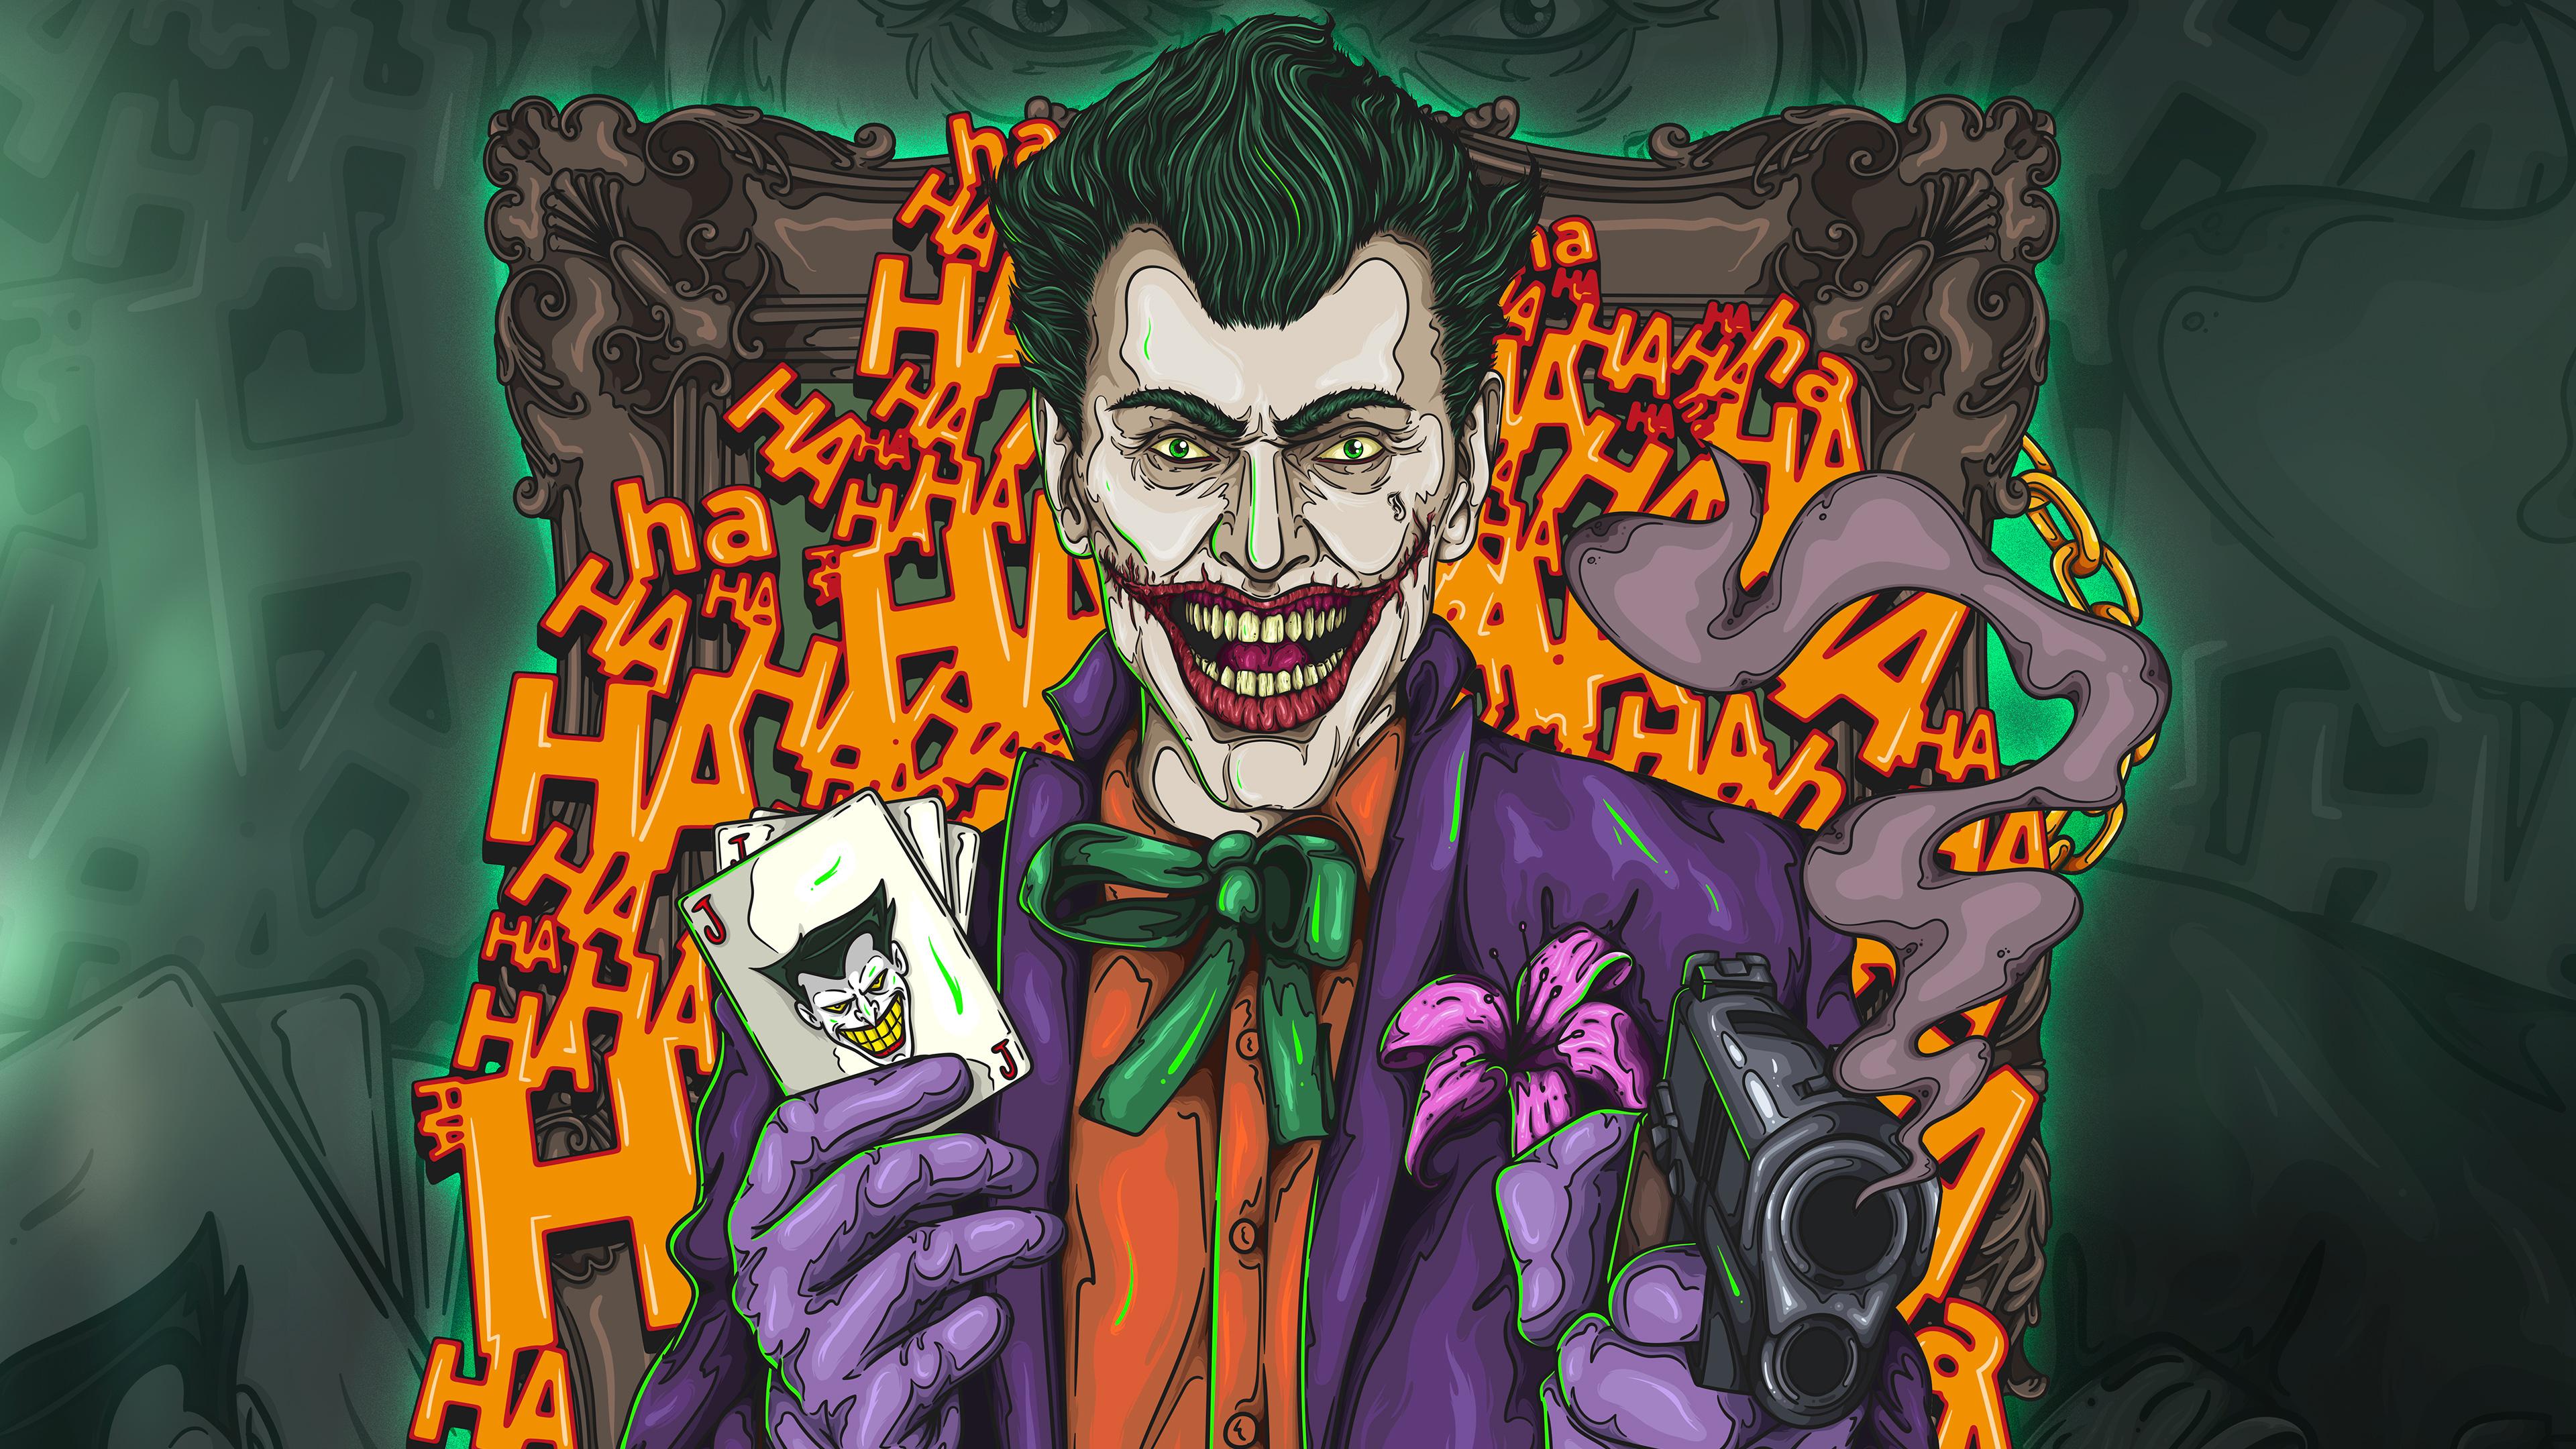 The joker 4k artwork hd superheroes 4k wallpapers for Joker wallpaper 4k